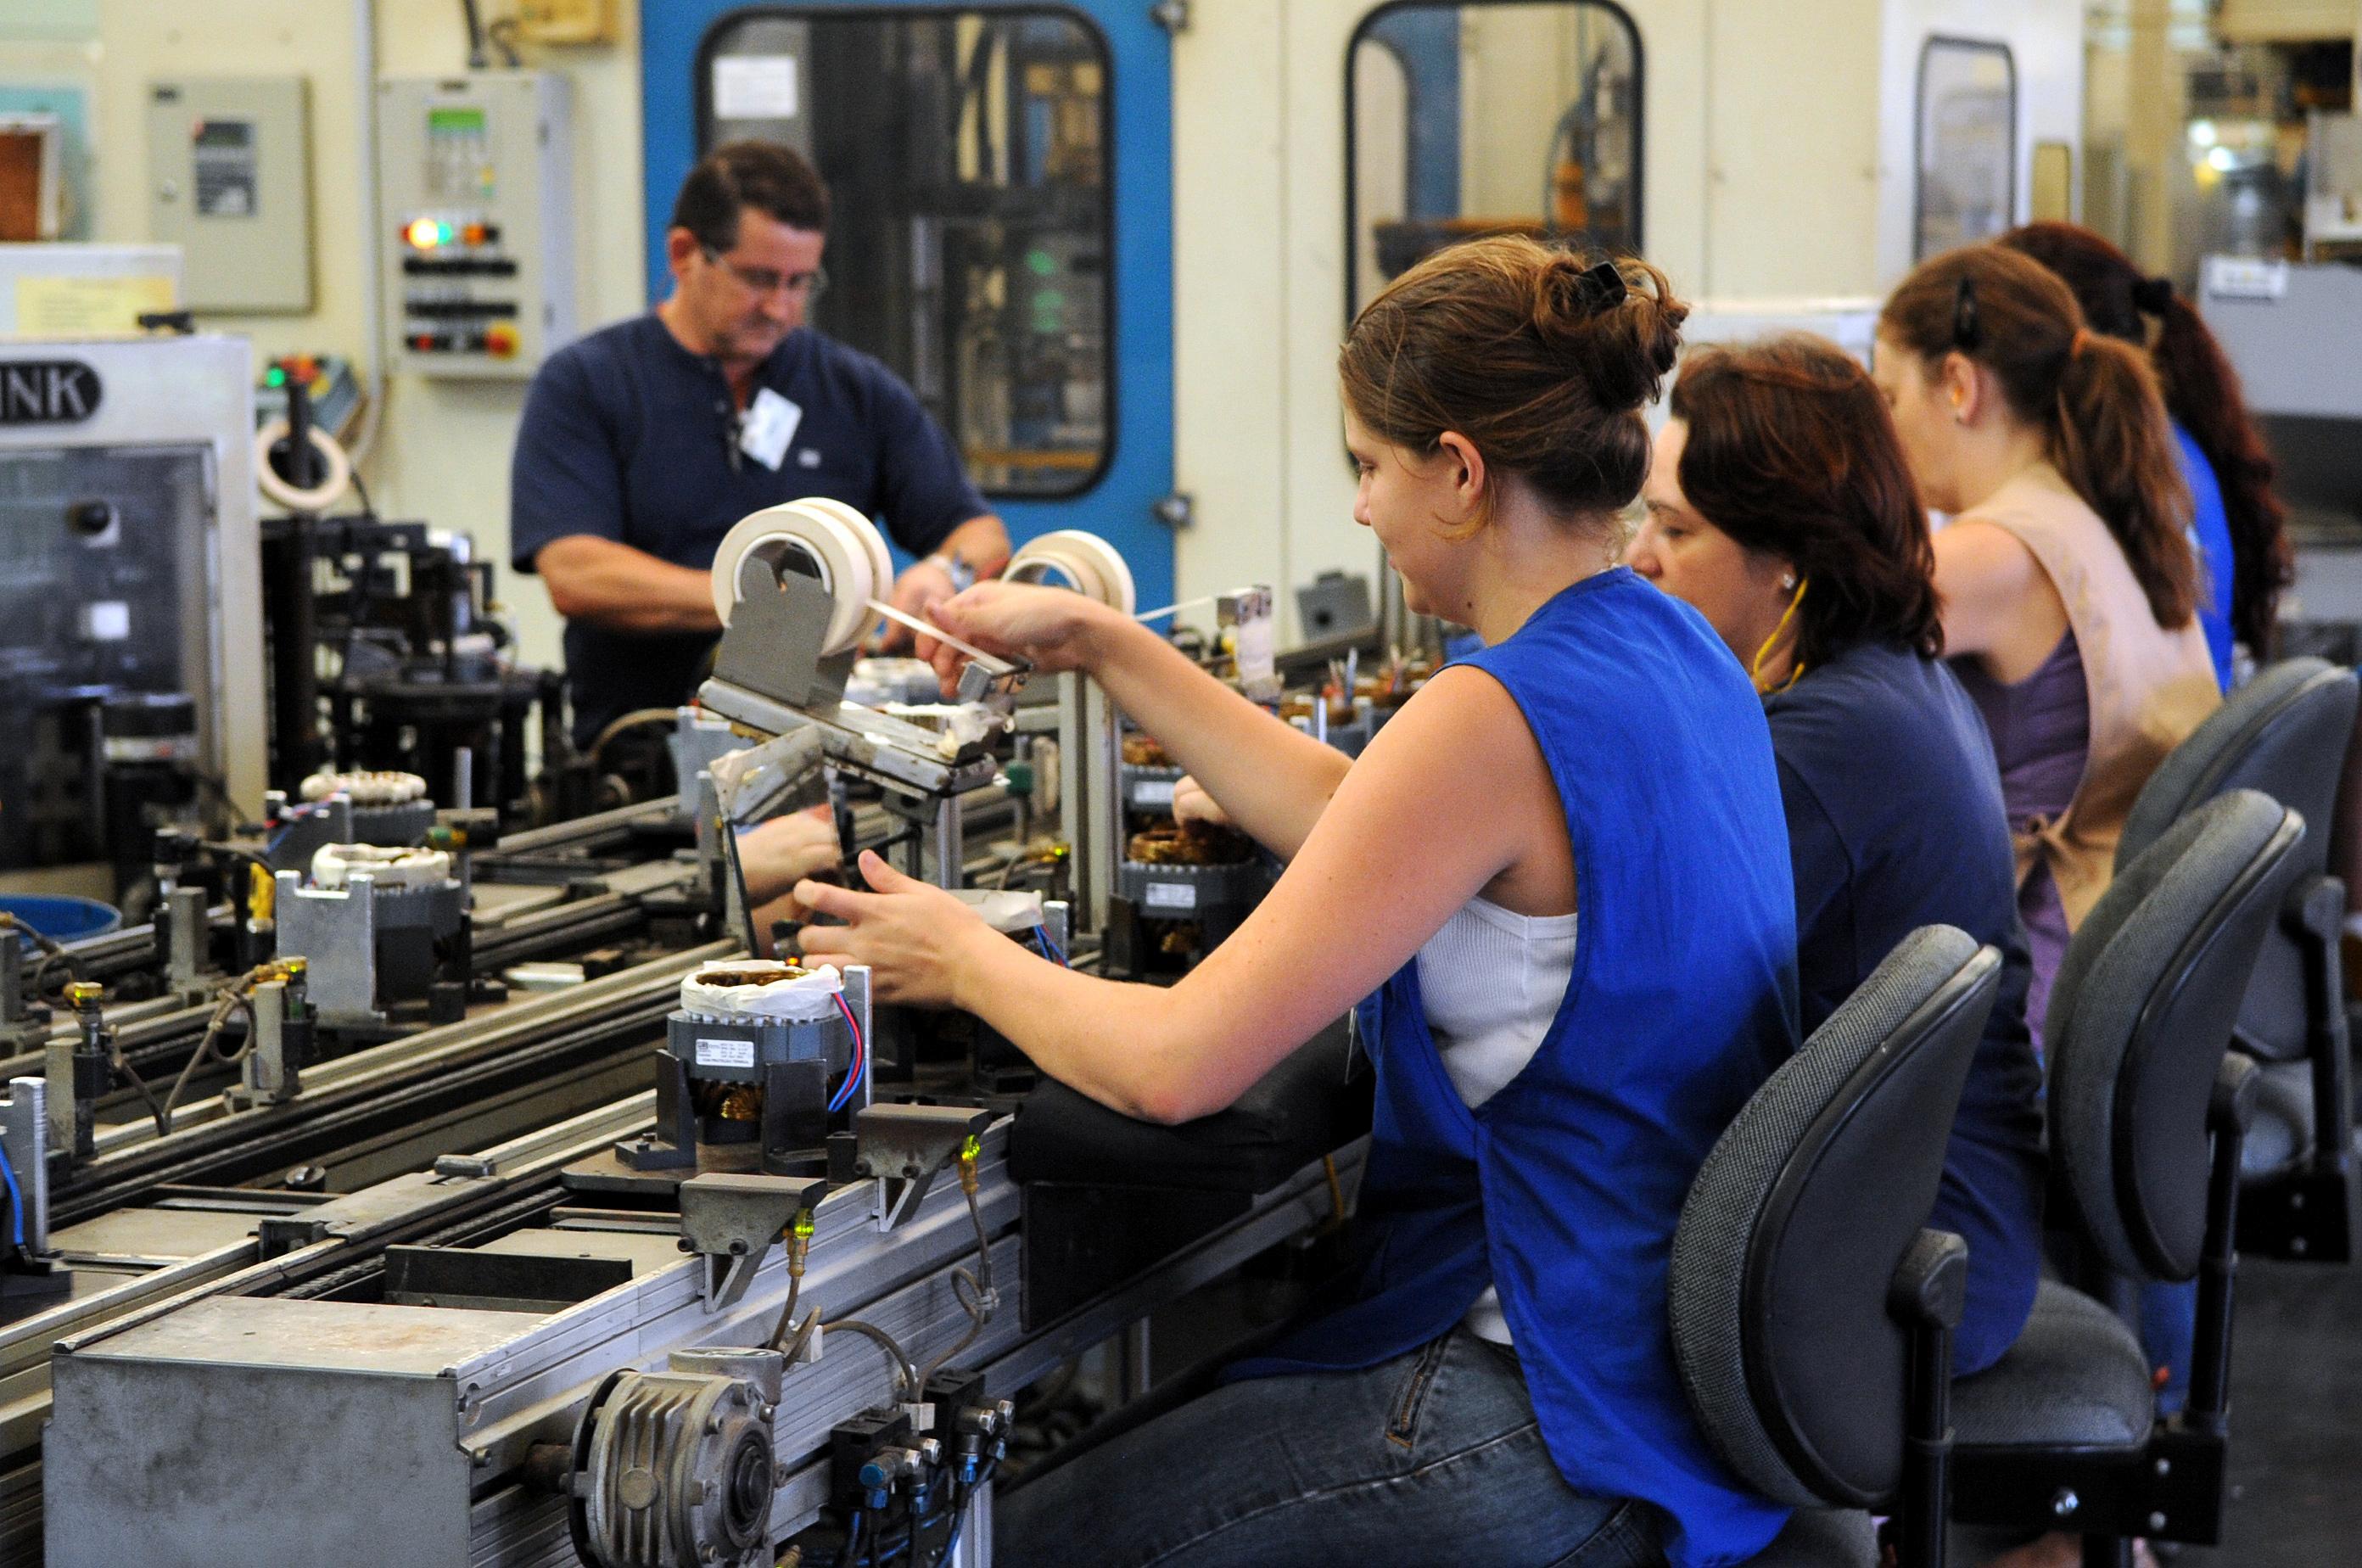 Número de empresas abertas em Minas cresce 14,3% neste ano